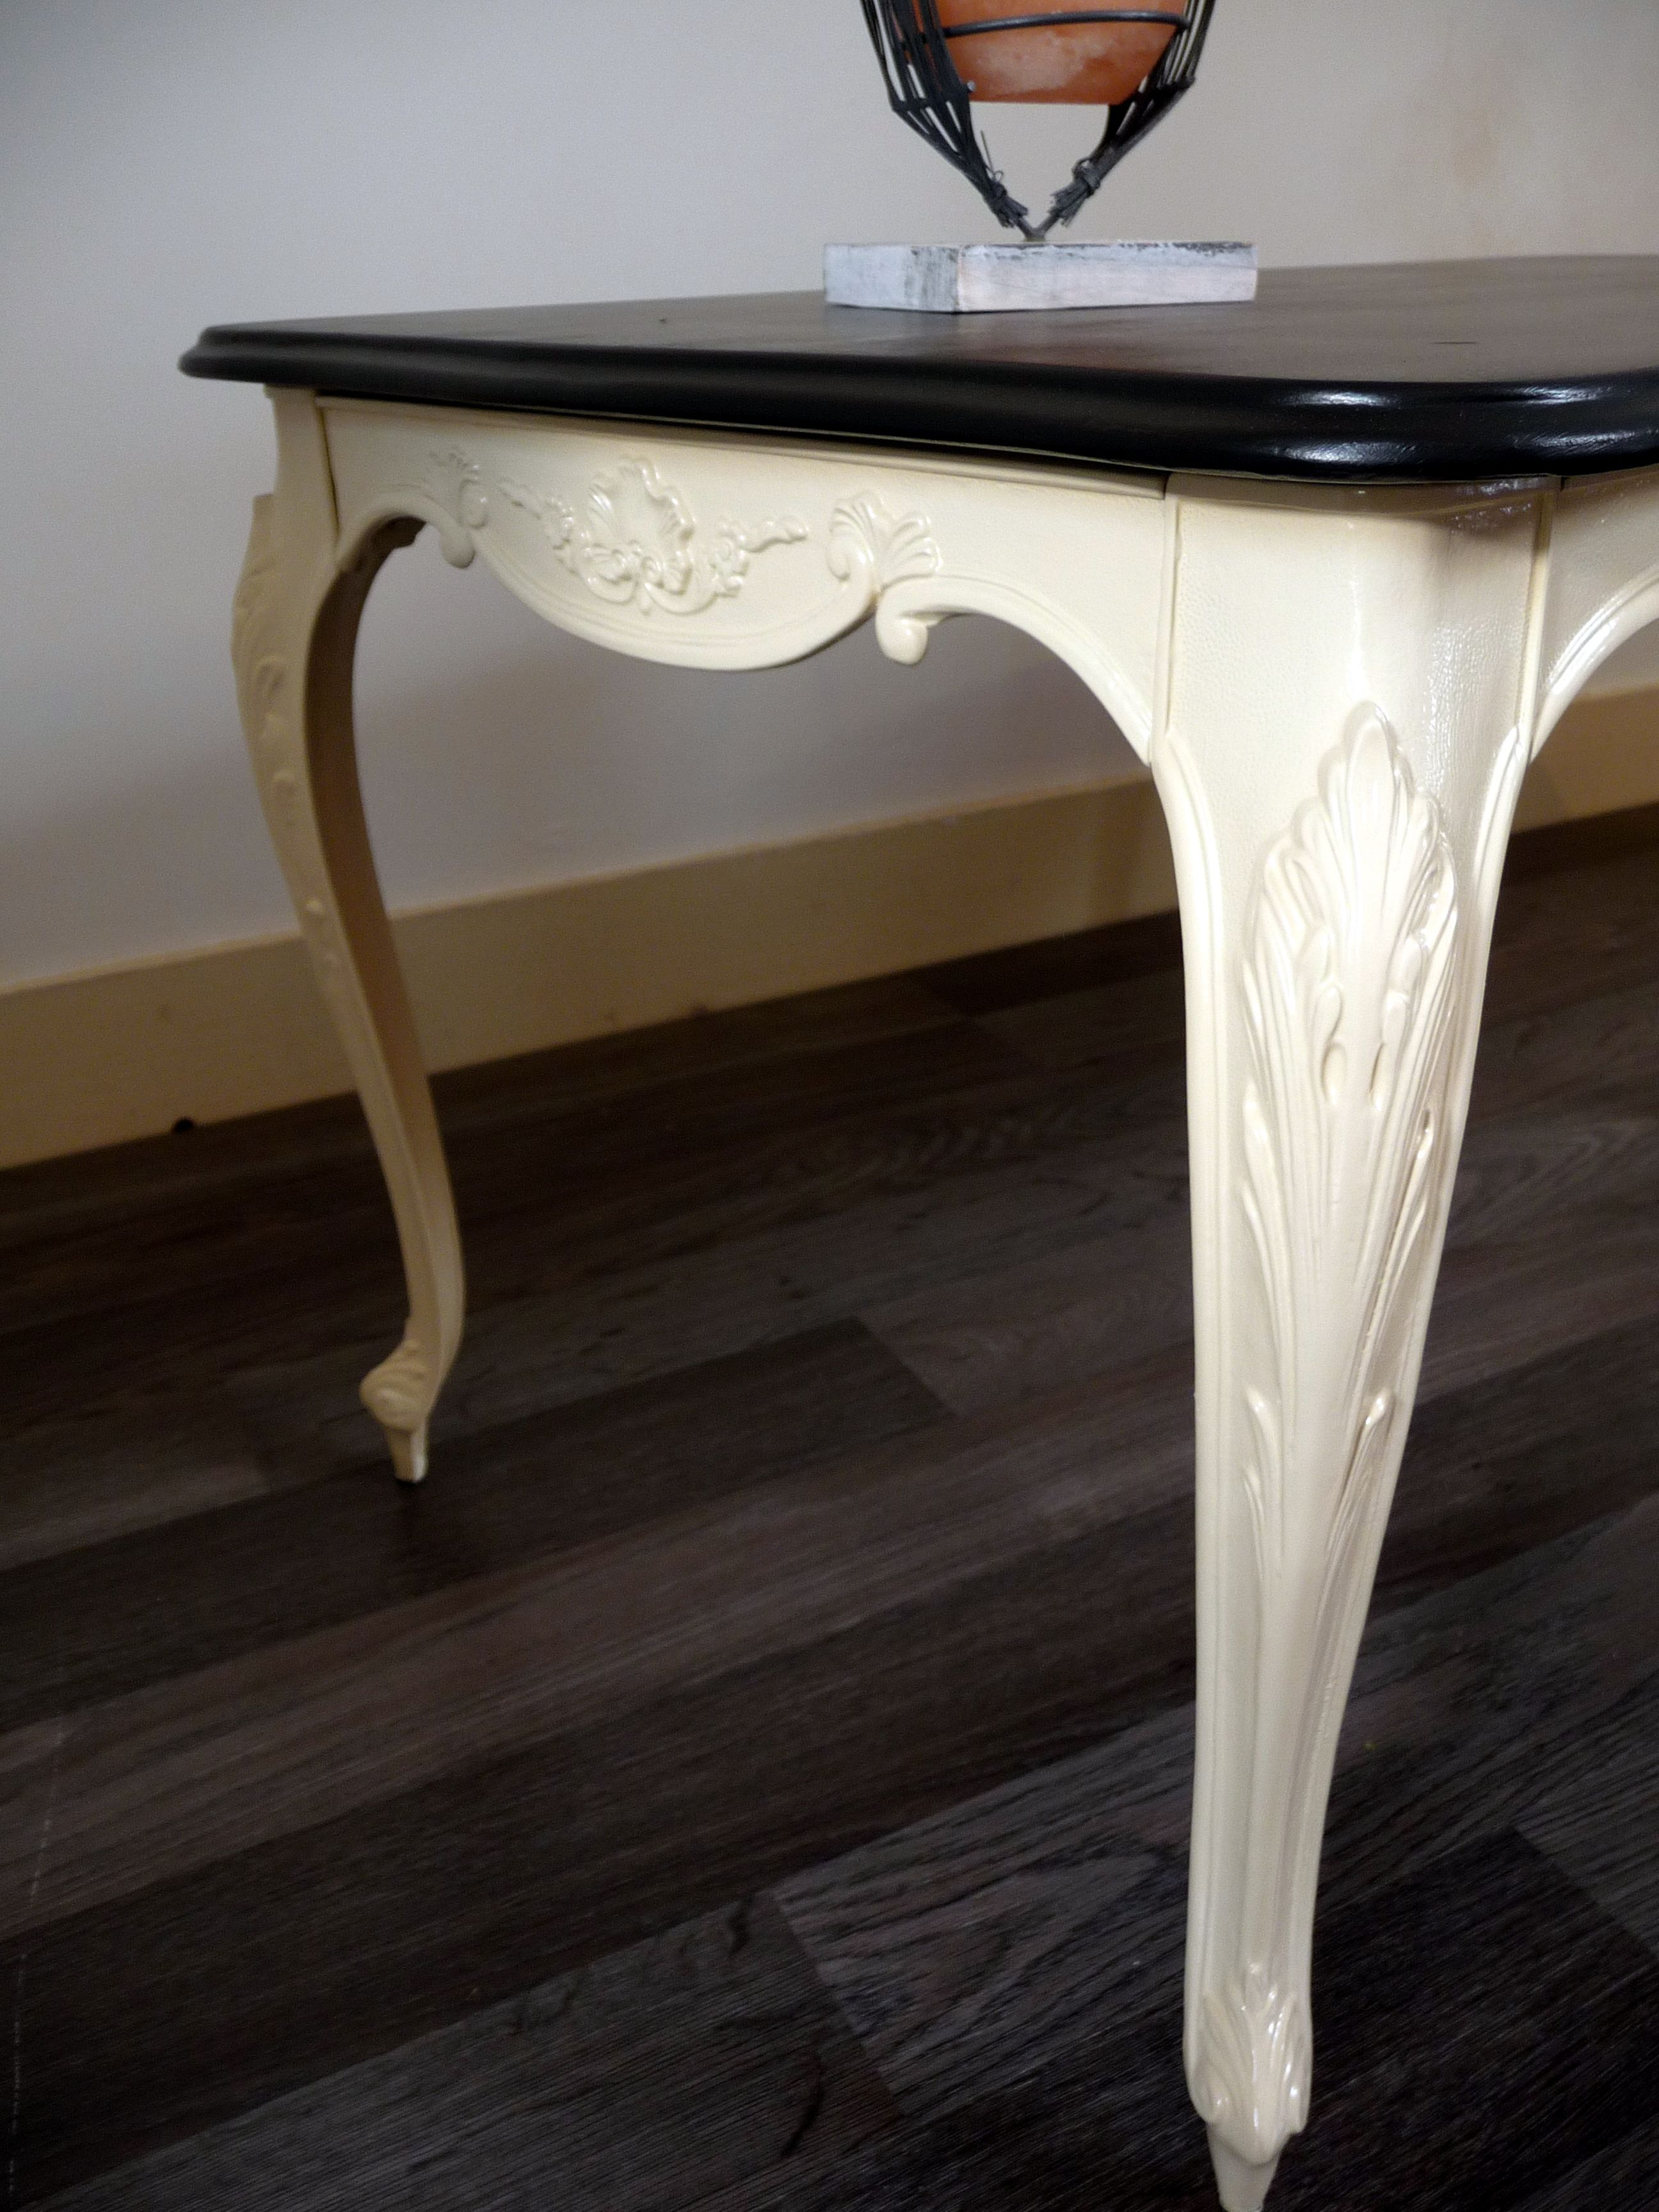 L gante table de salon ou table d 39 appoint en marbre et laiton moul relooking imitation - Relooker une table de salon ...